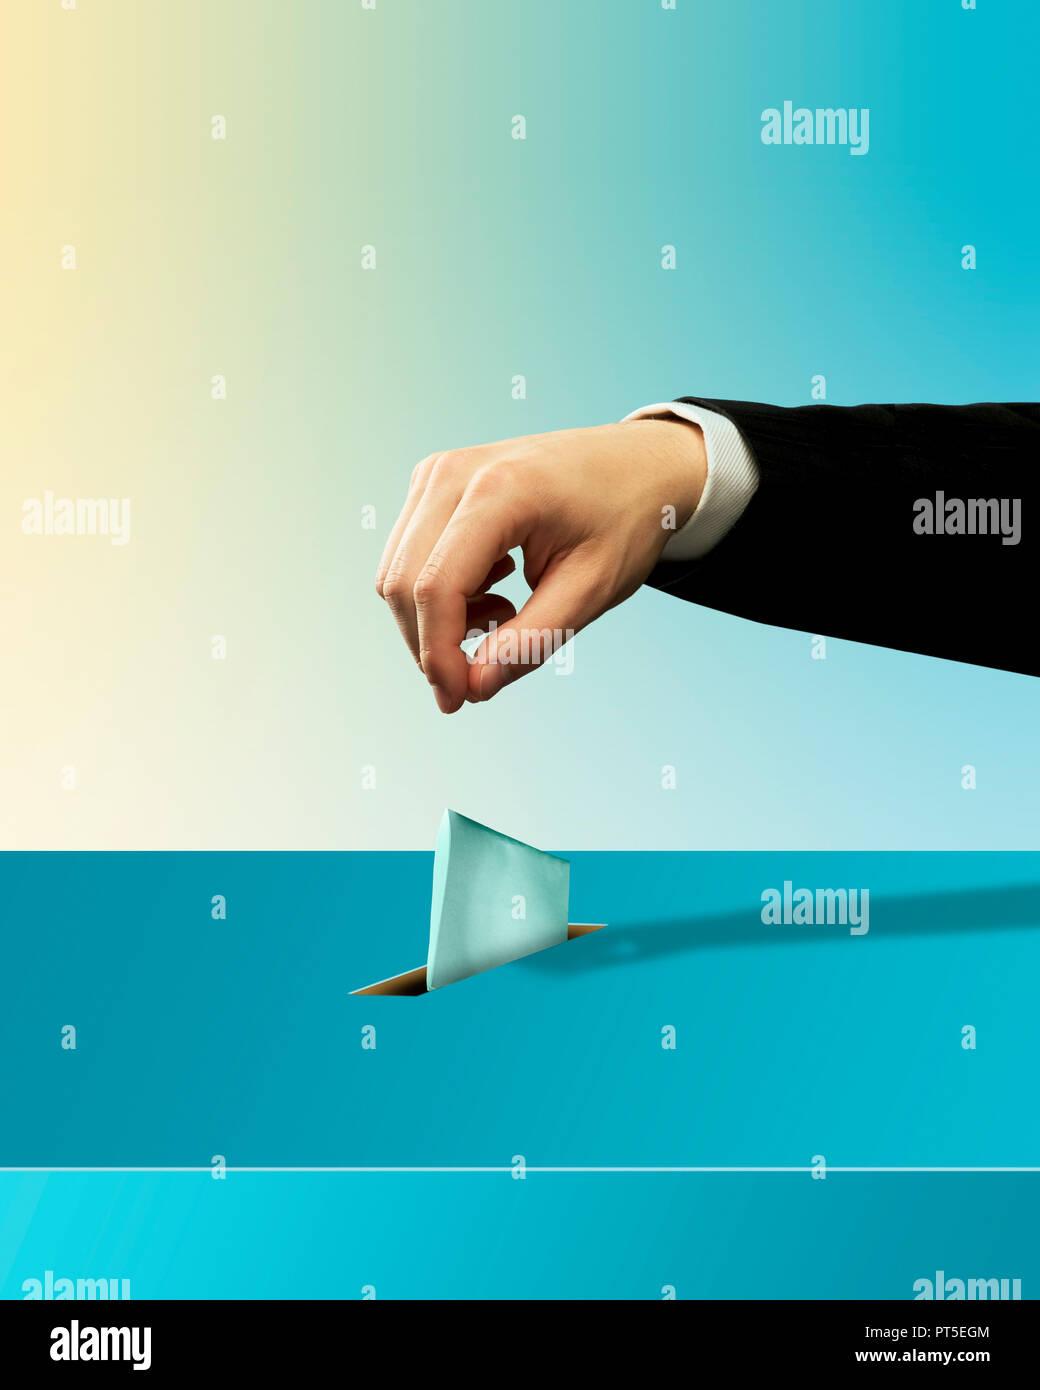 Konzept ein Mann die Hand Abfallen einen Stimmzettel, Wahlurnen, Abstimmen, Abstimmung, Wahlen Stockbild